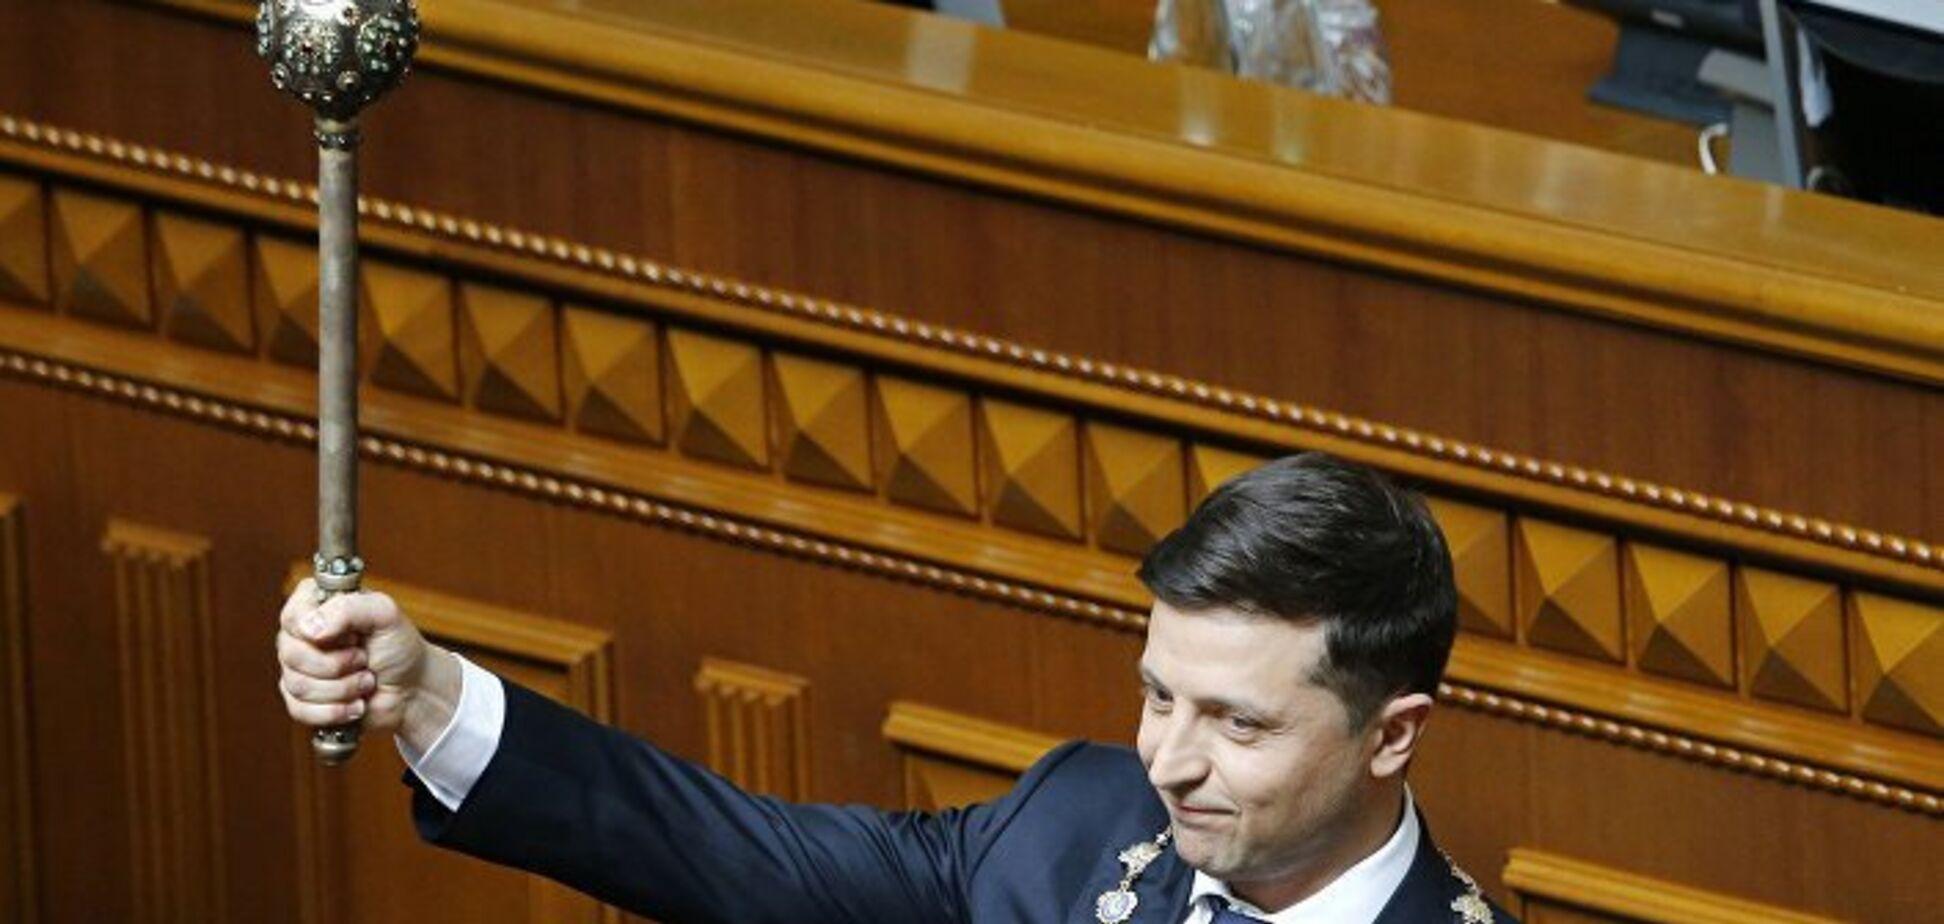 Зеленский уволил главу Госпогранслужбы: что известно